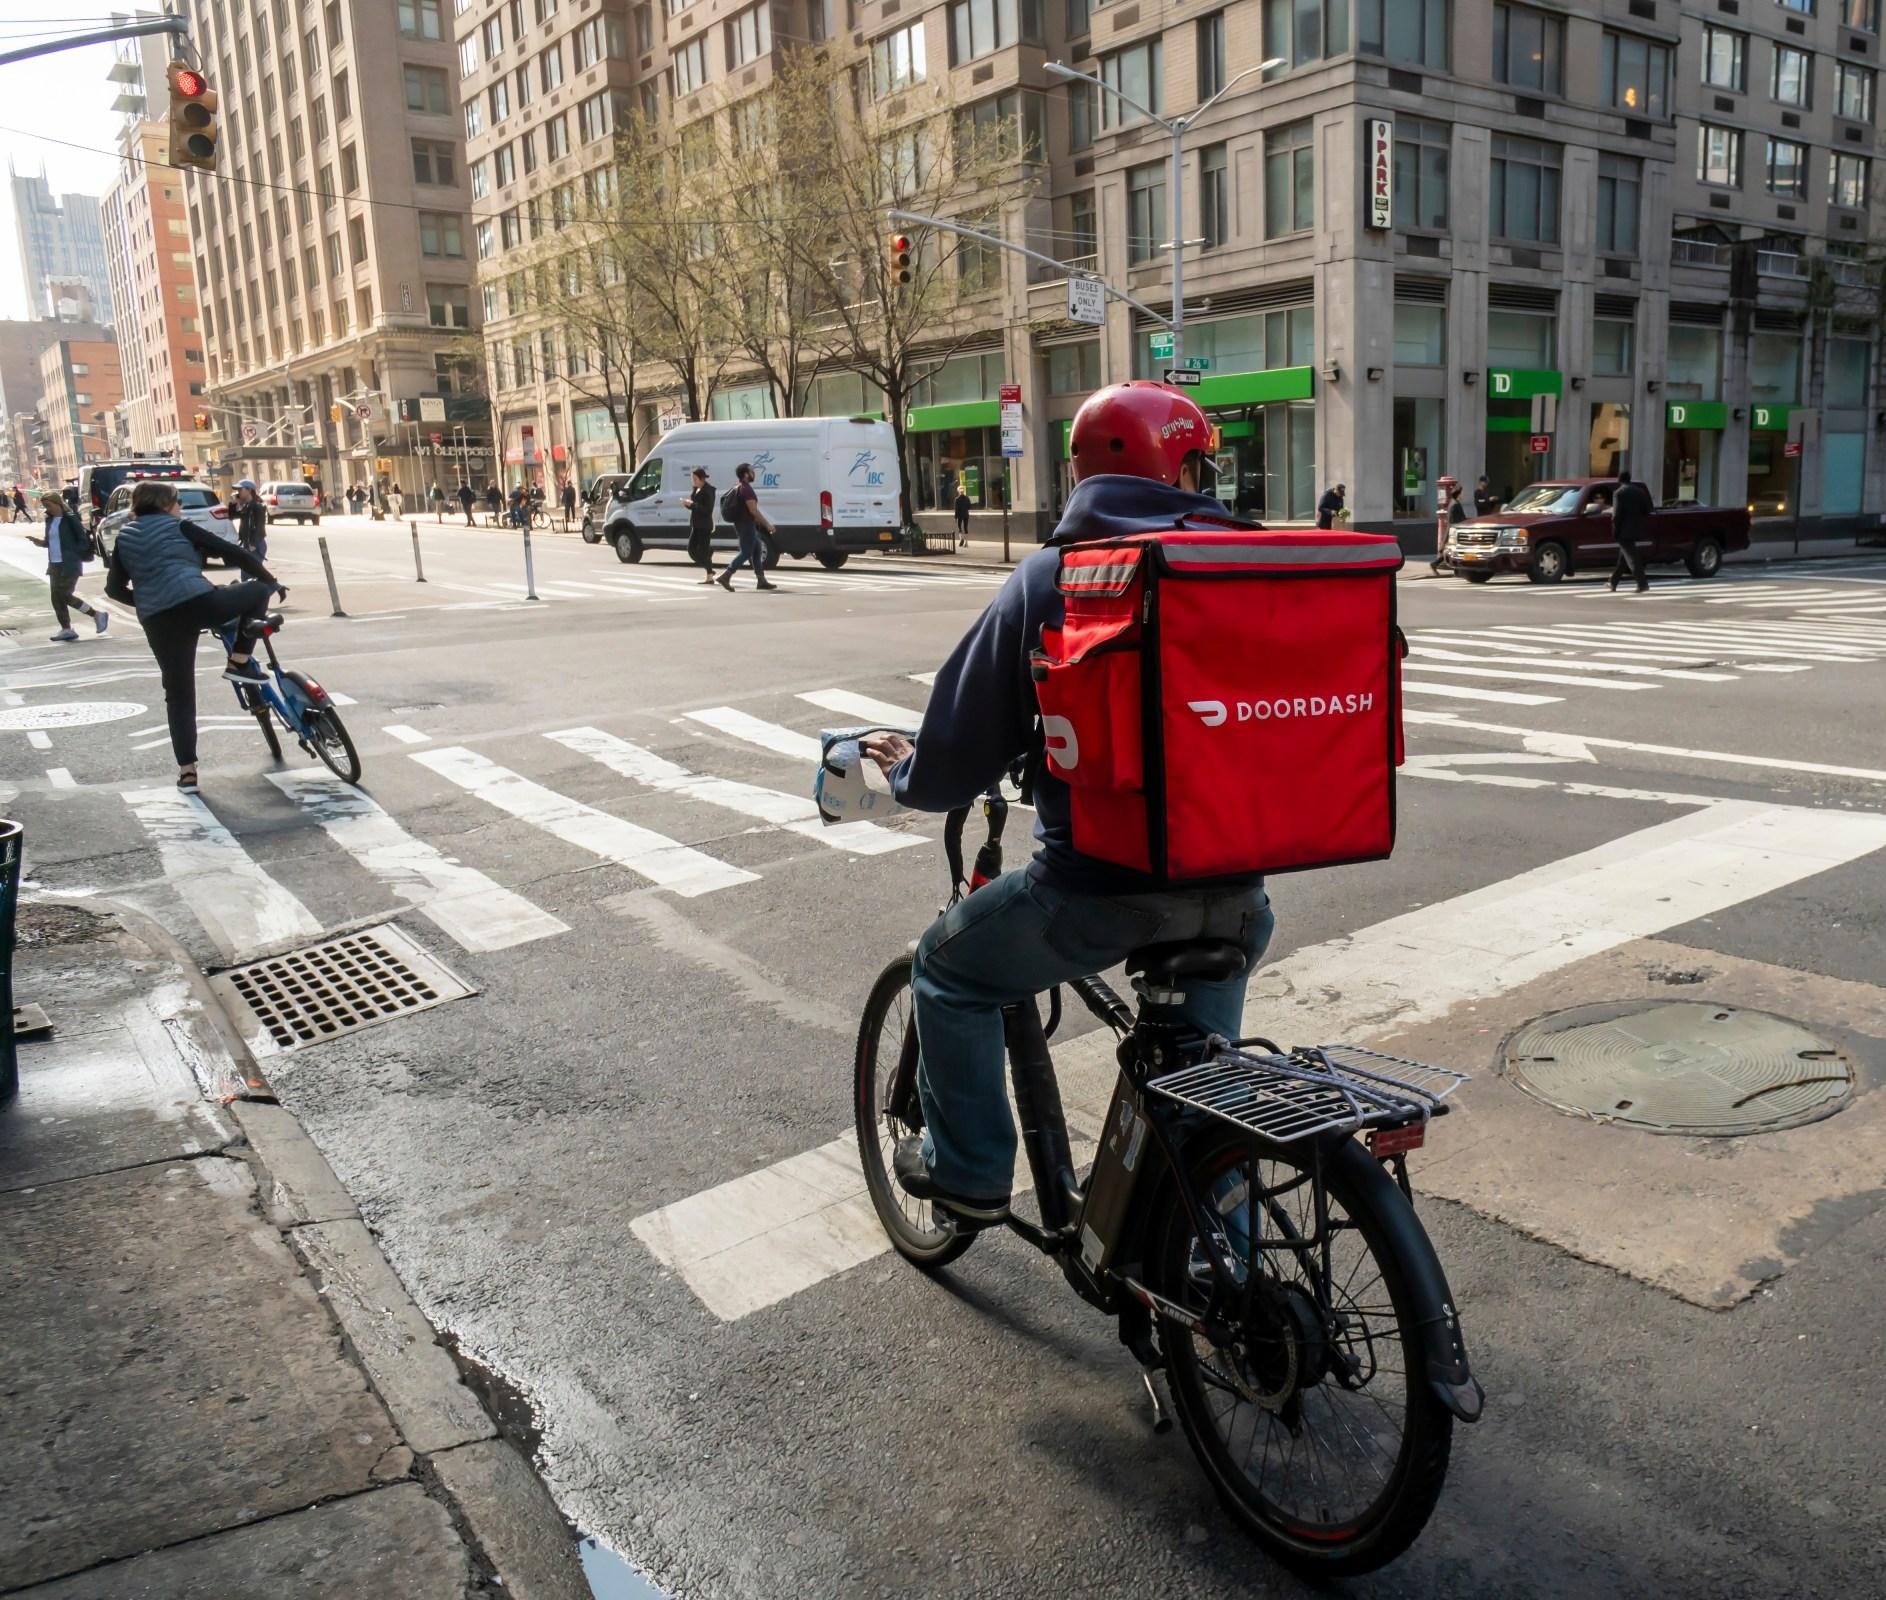 DoorDash worker in New York